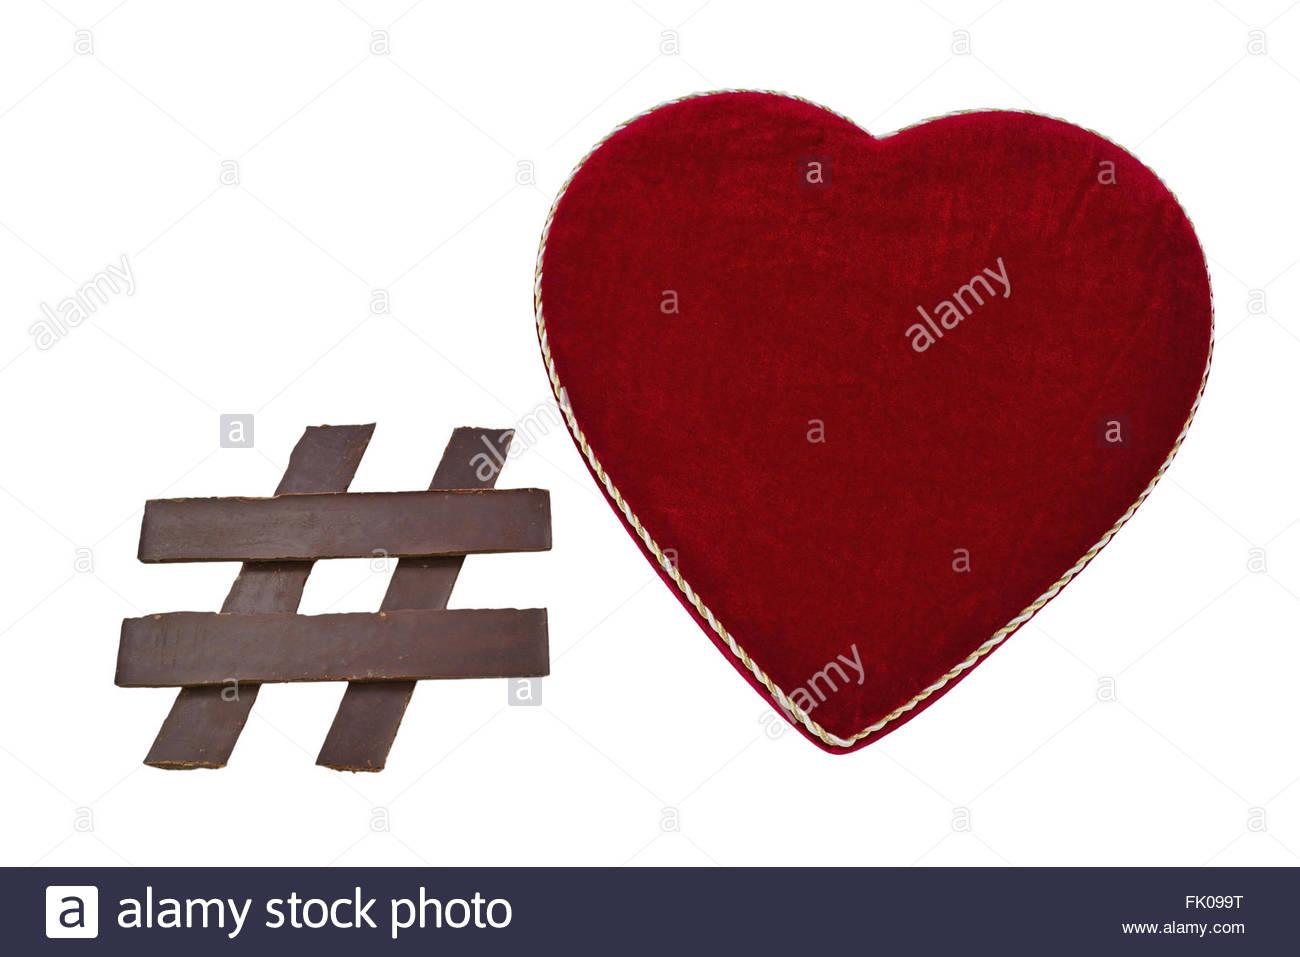 Heart Social Media Symbol Stock Photos Heart Social Media Symbol